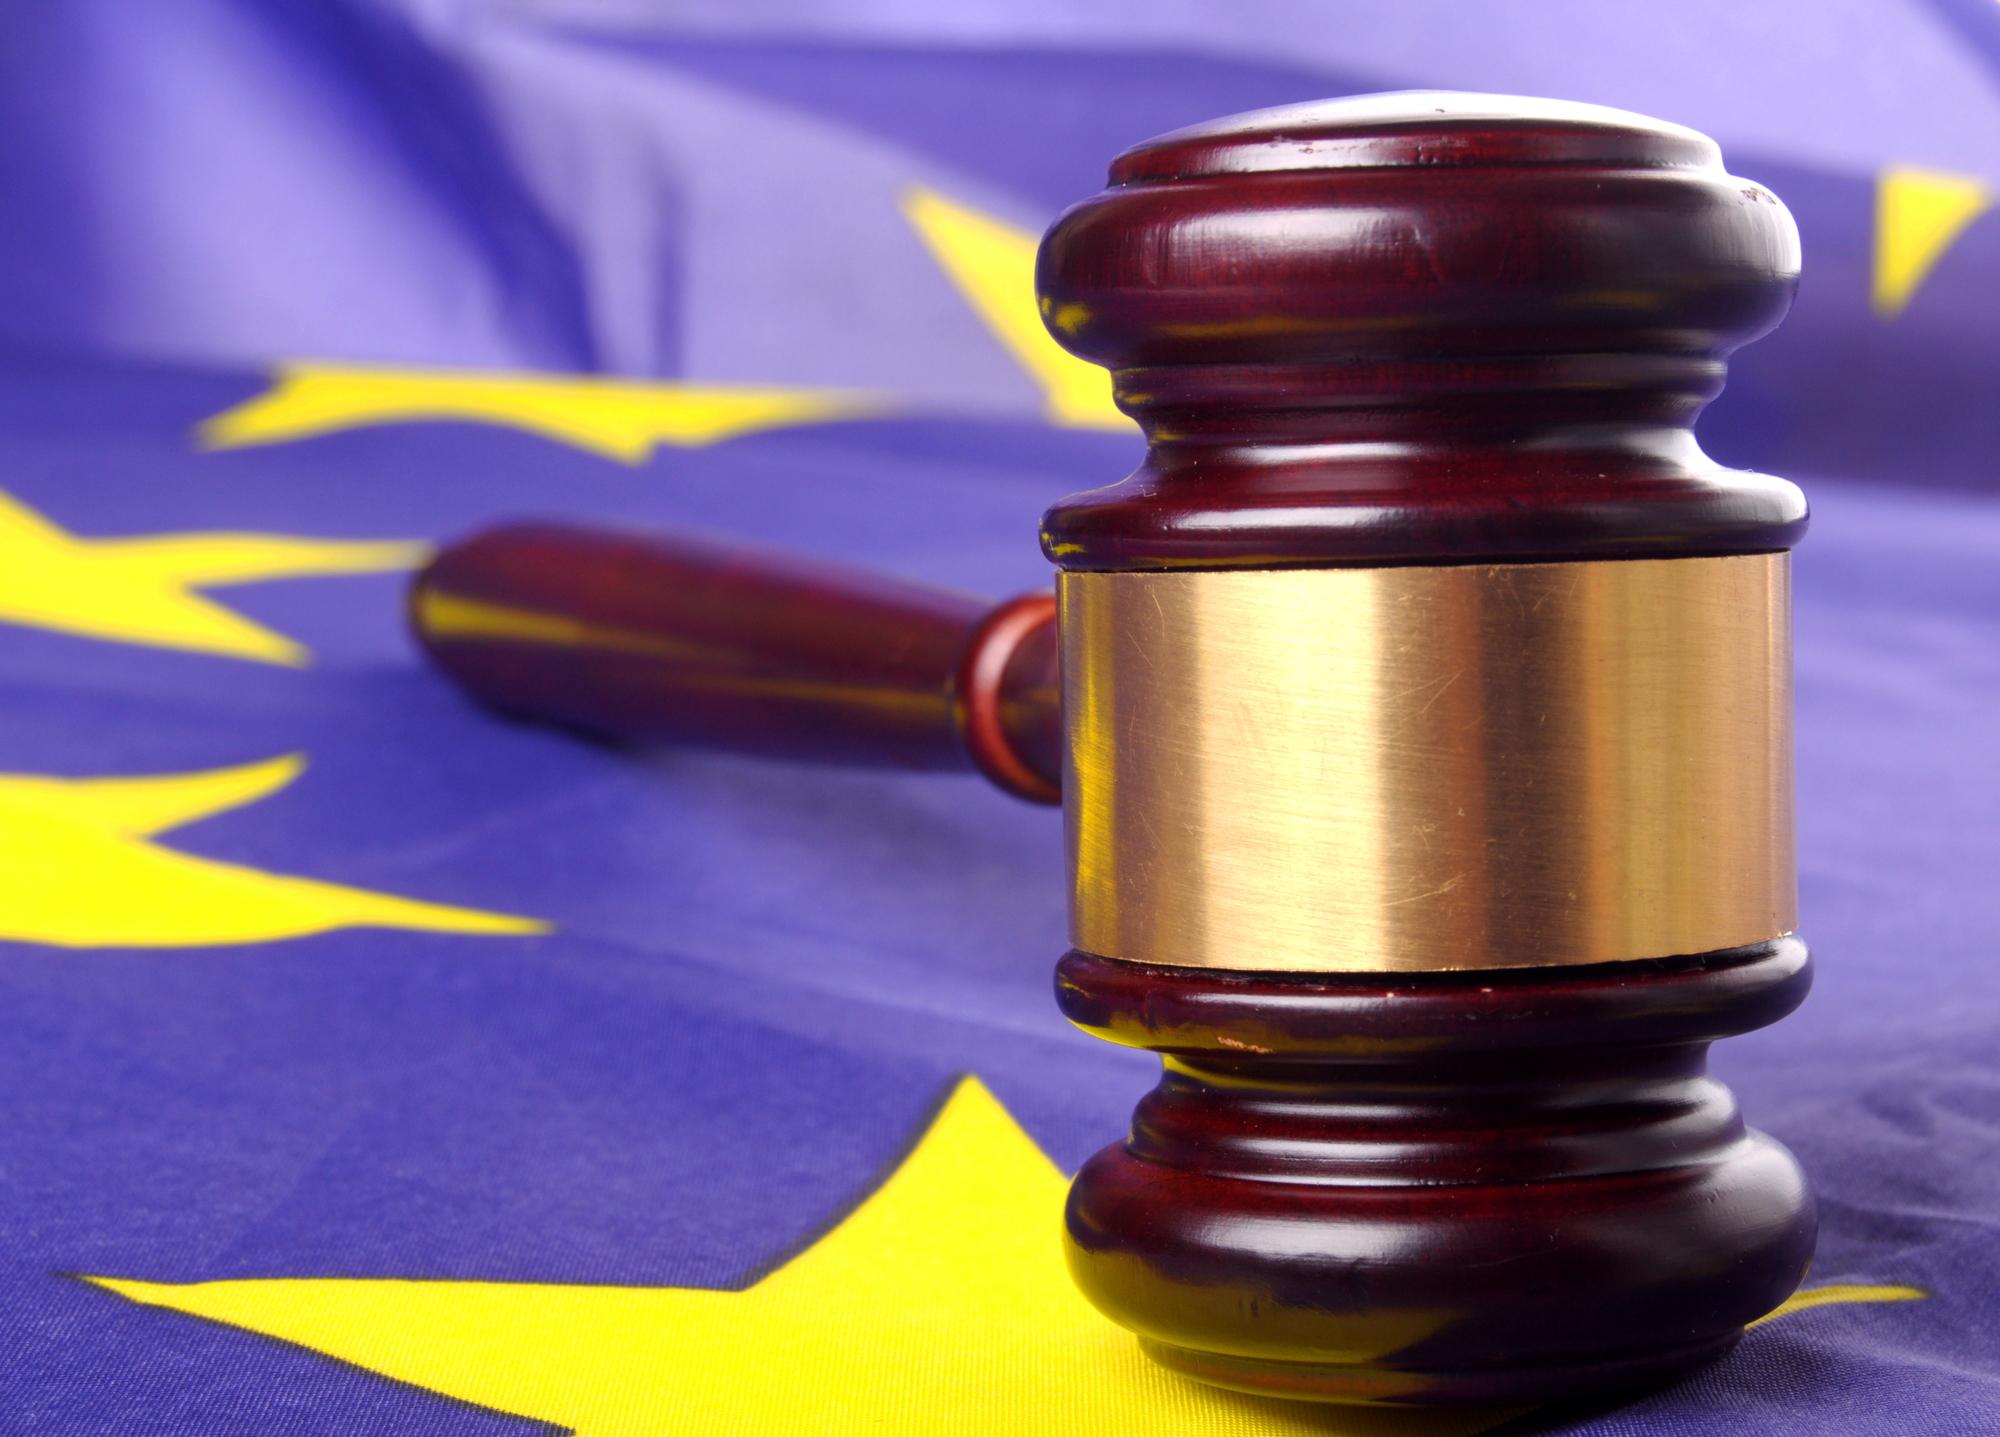 Giganti della tecnologia nel mirino dell'Europa, in arrivo provvedimenti stringenti